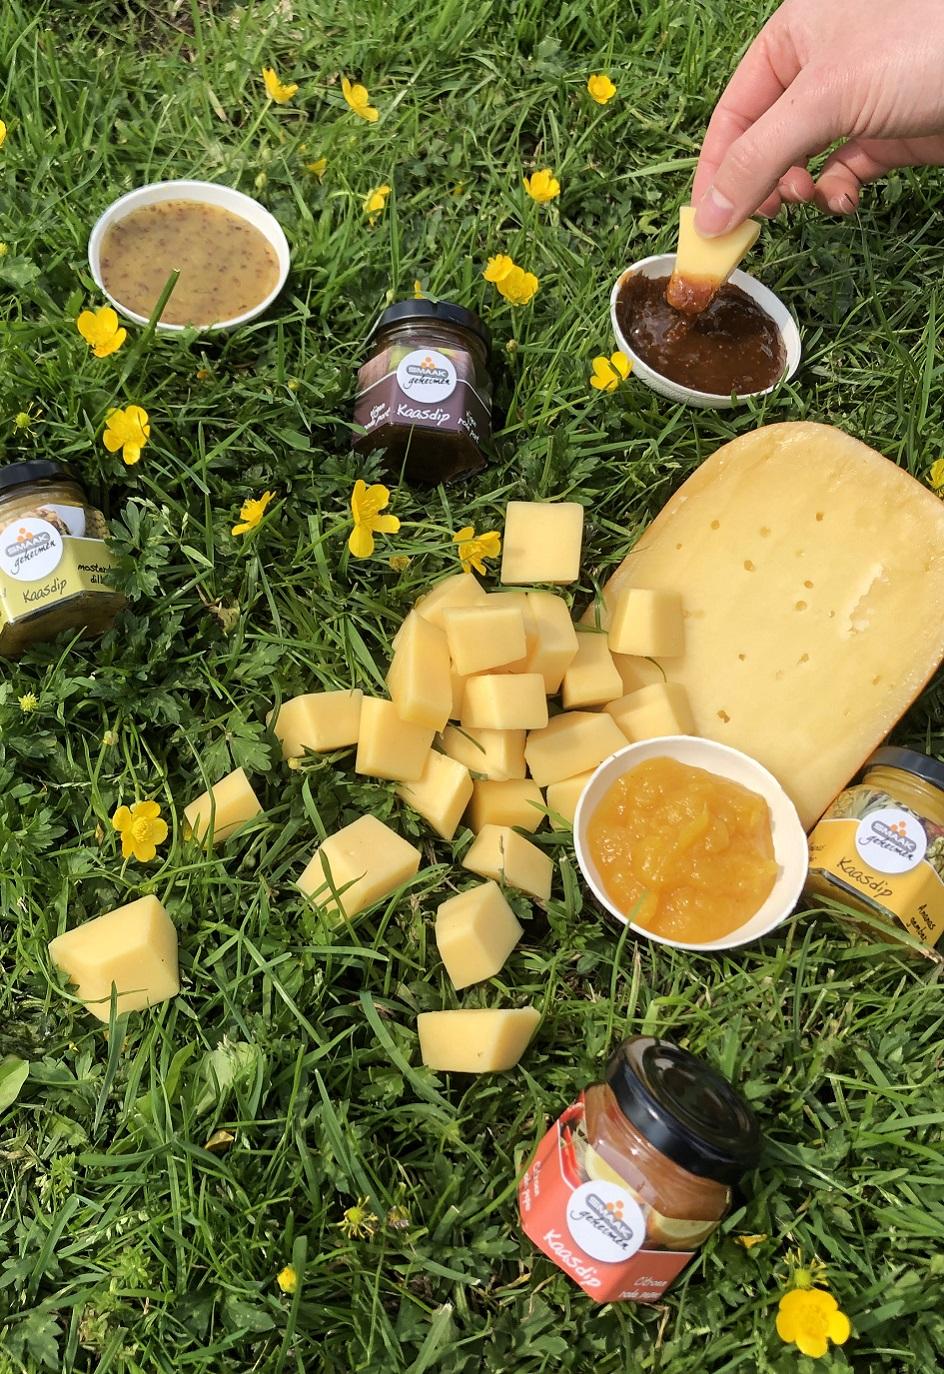 Kaas uit 't vuistje Smaakgeheimen